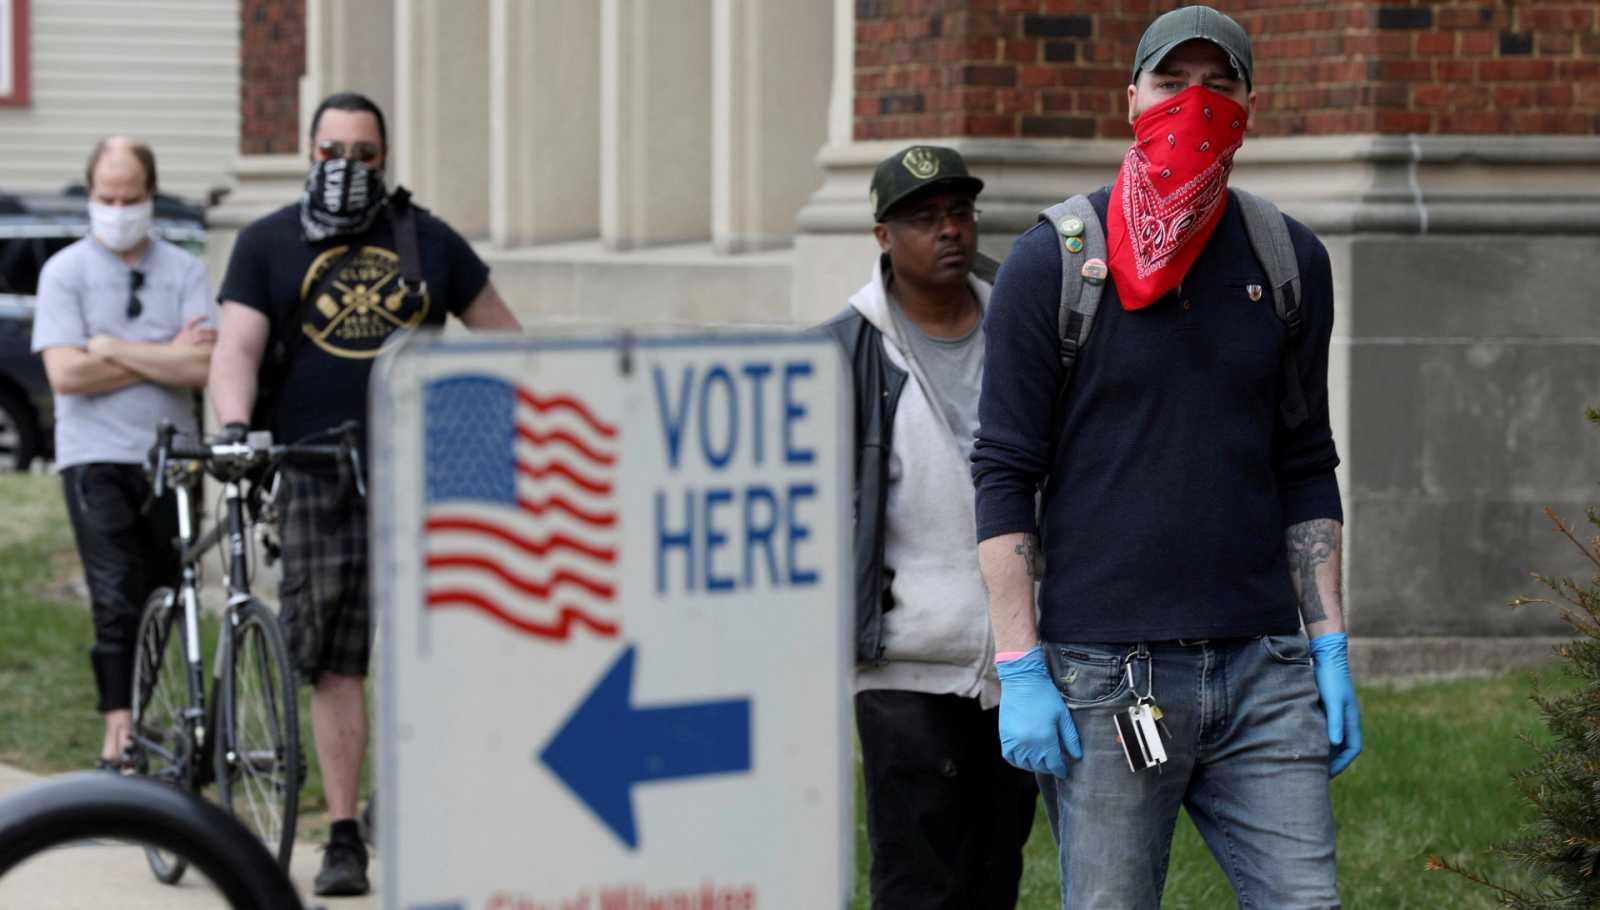 La crisis del coronavirus condiciona el voto por correo en las primarias de EE.UU.